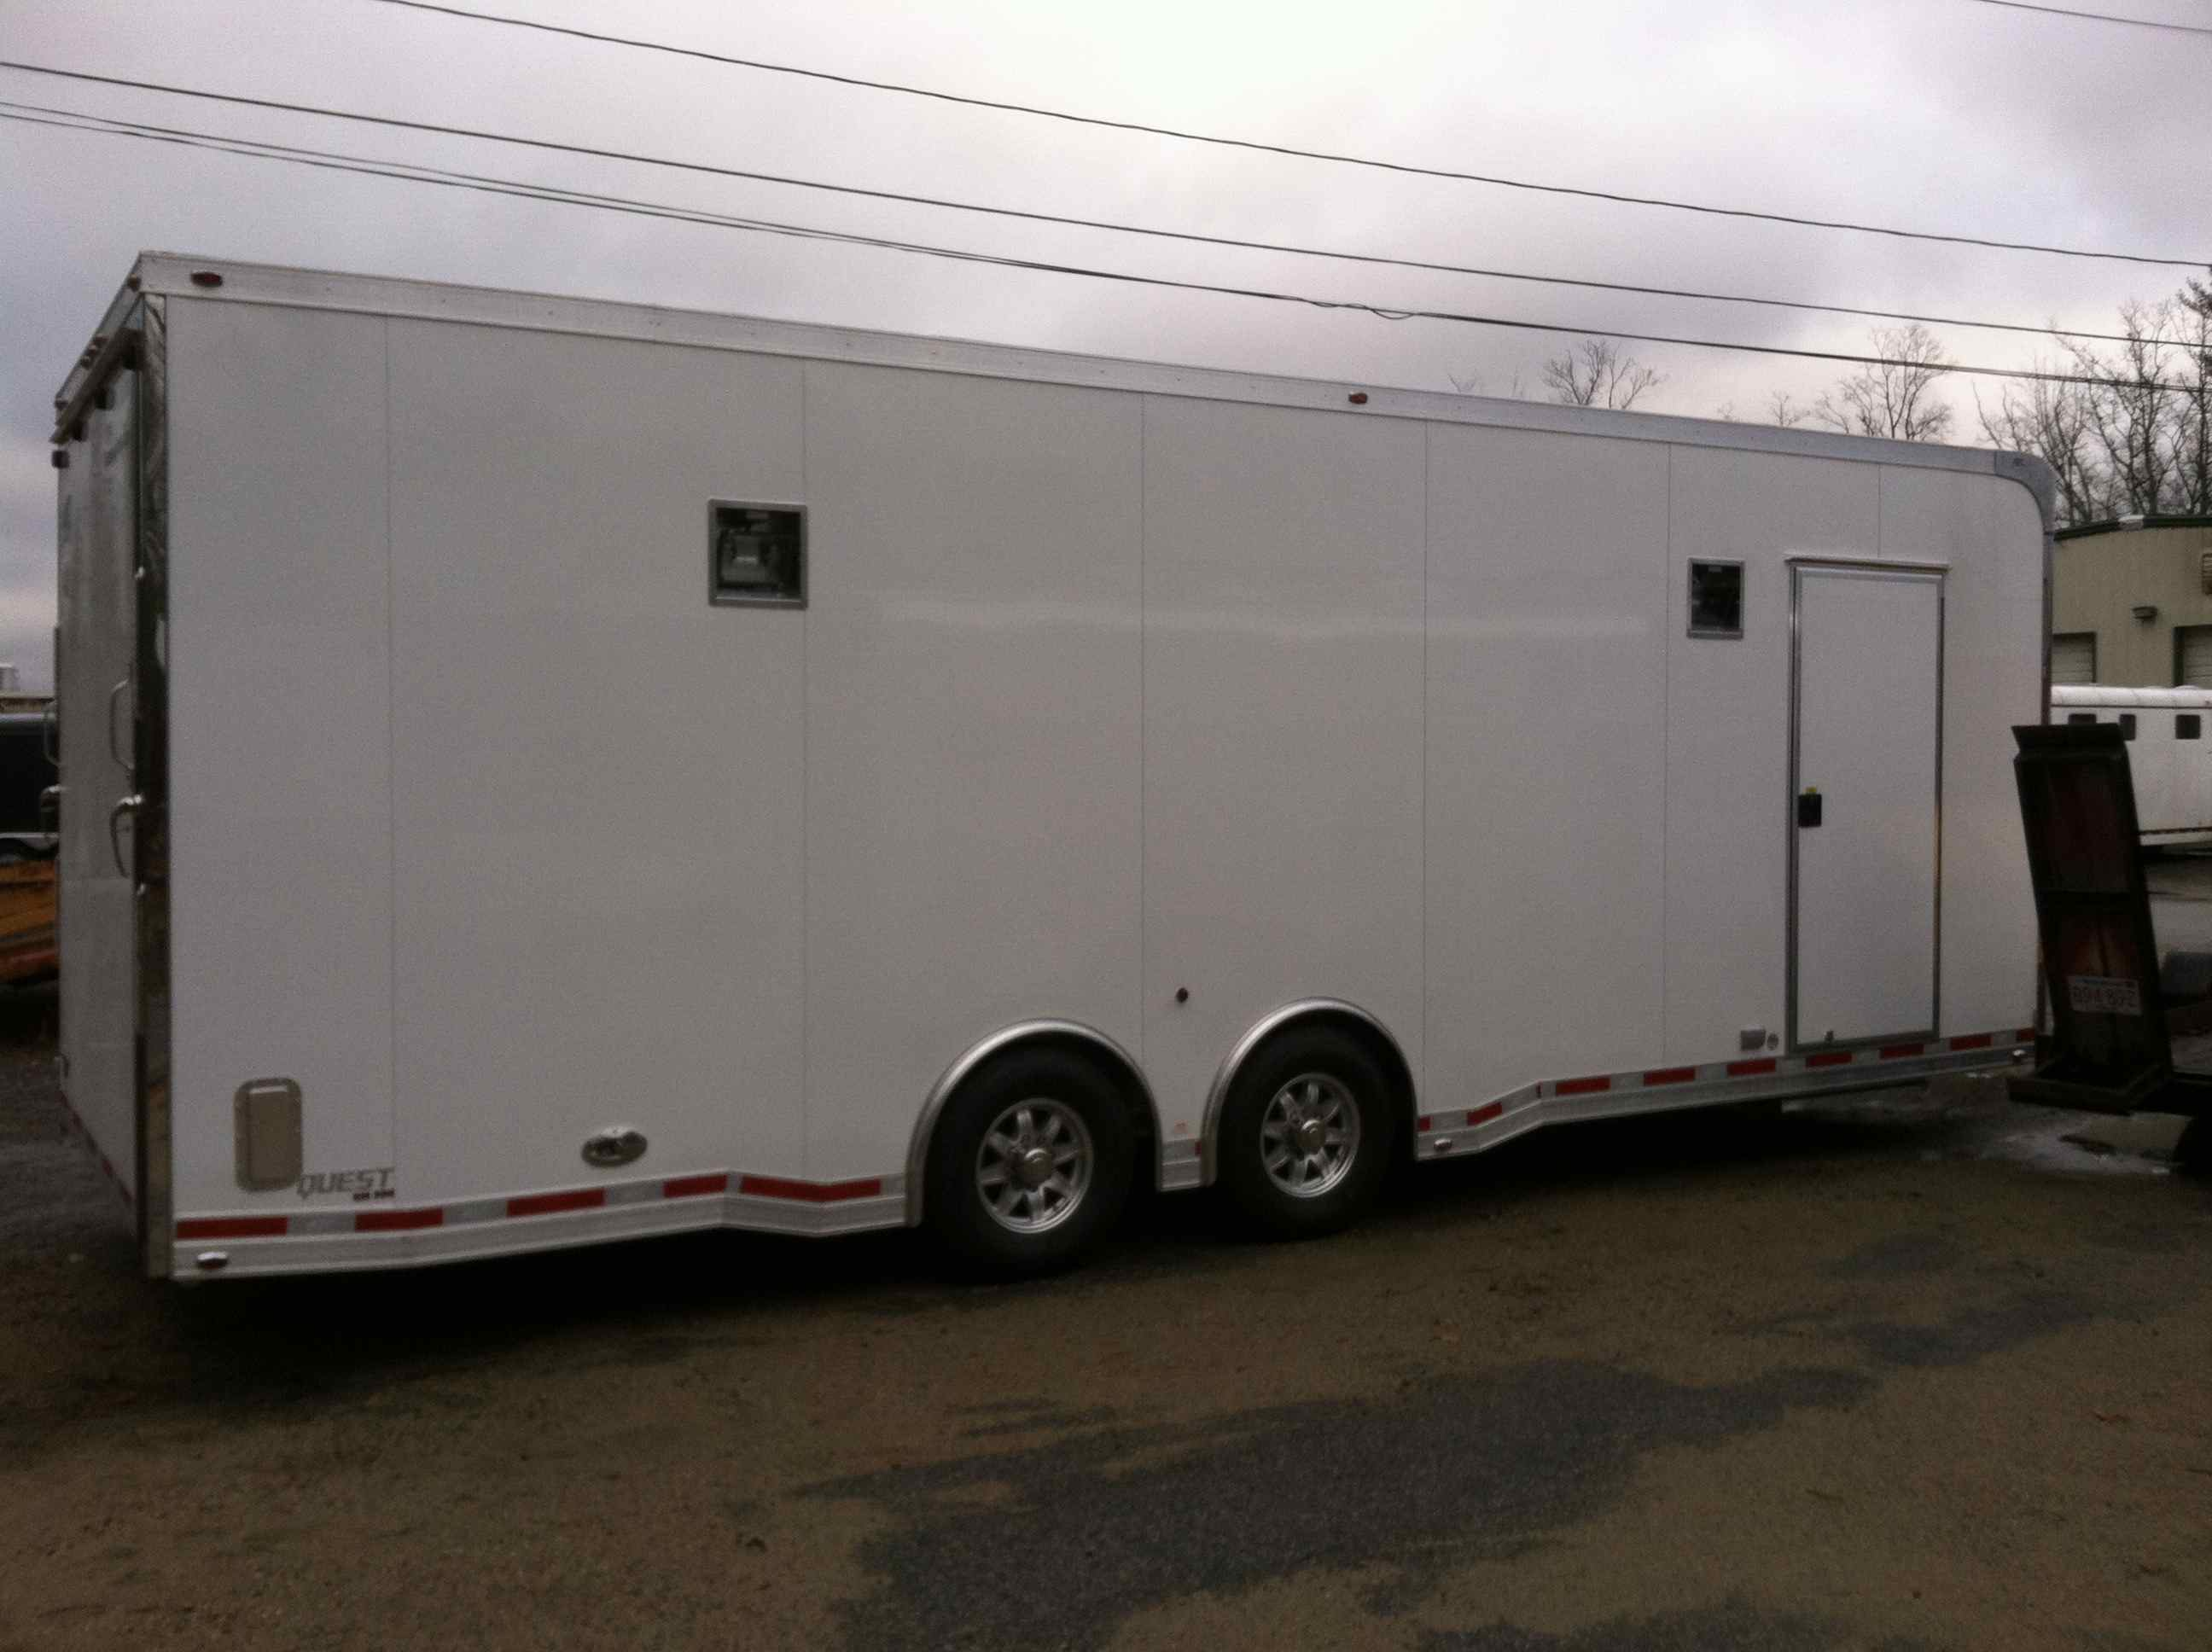 26' ATC all aluminum trailer